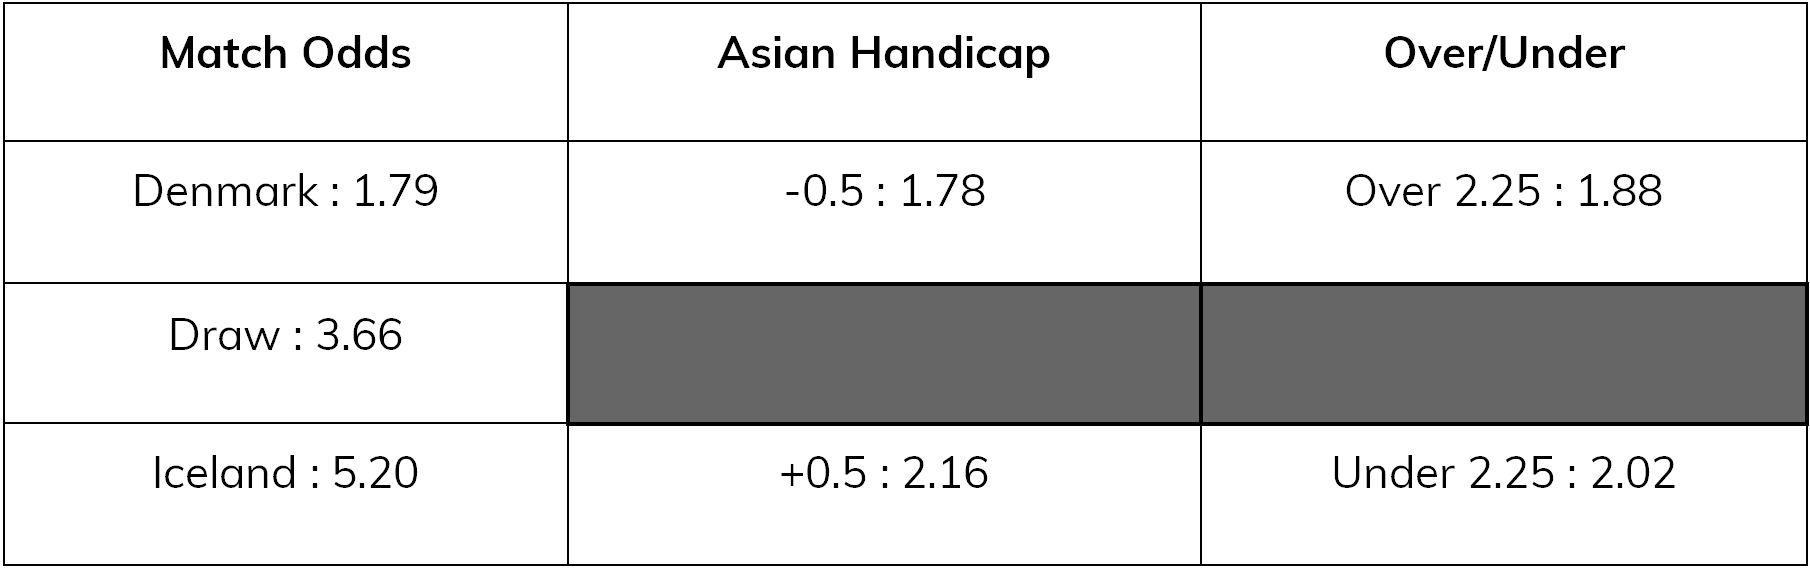 denmark-v-australia-asian-handicap, eastbridge2